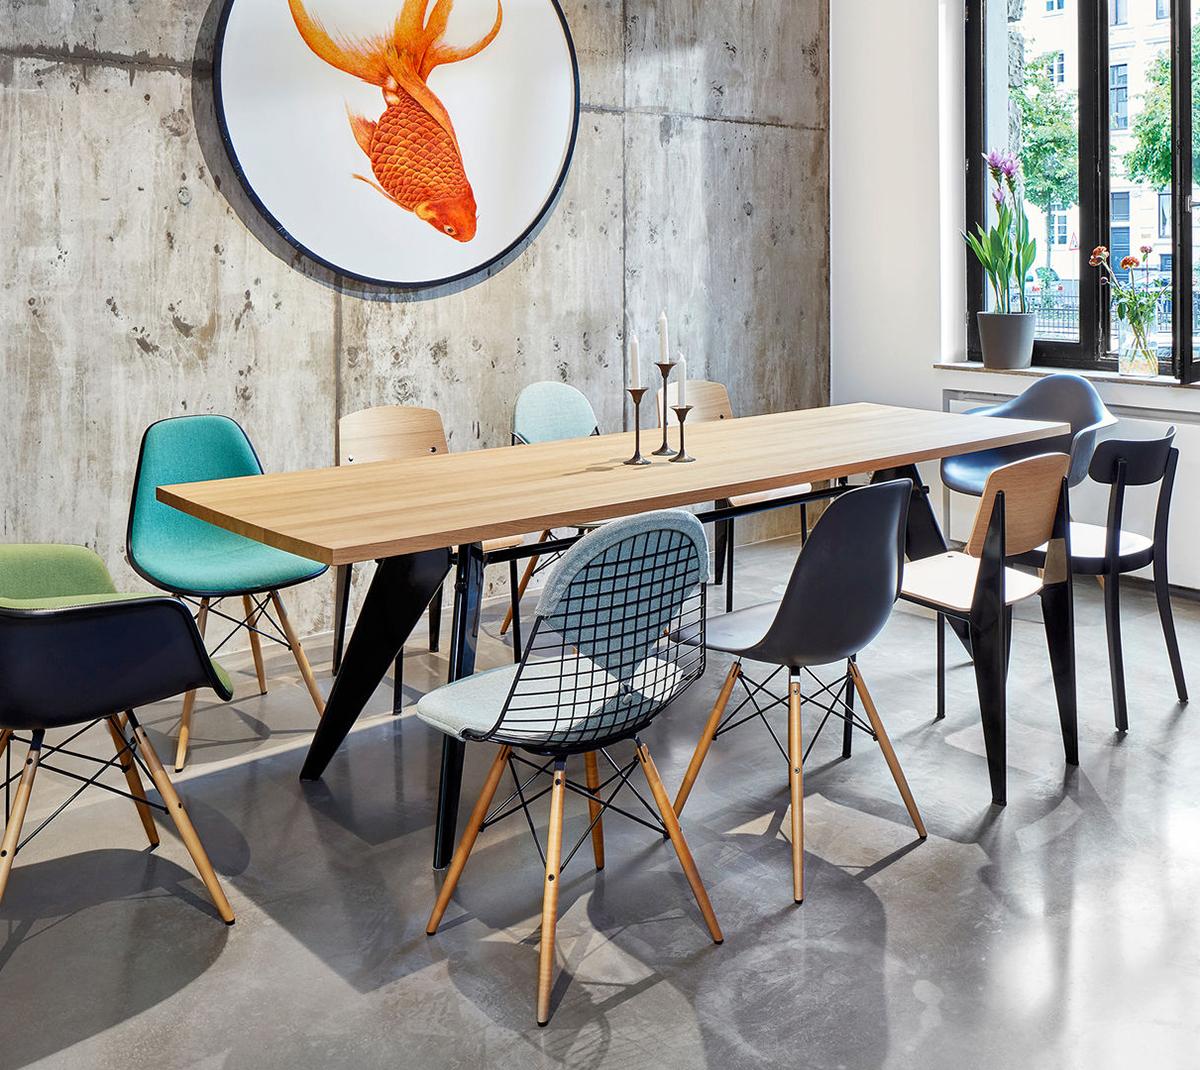 Habitat / Tables / Tense Materiel - Design & Solutions Lille destiné Table Salle A Manger Habitat